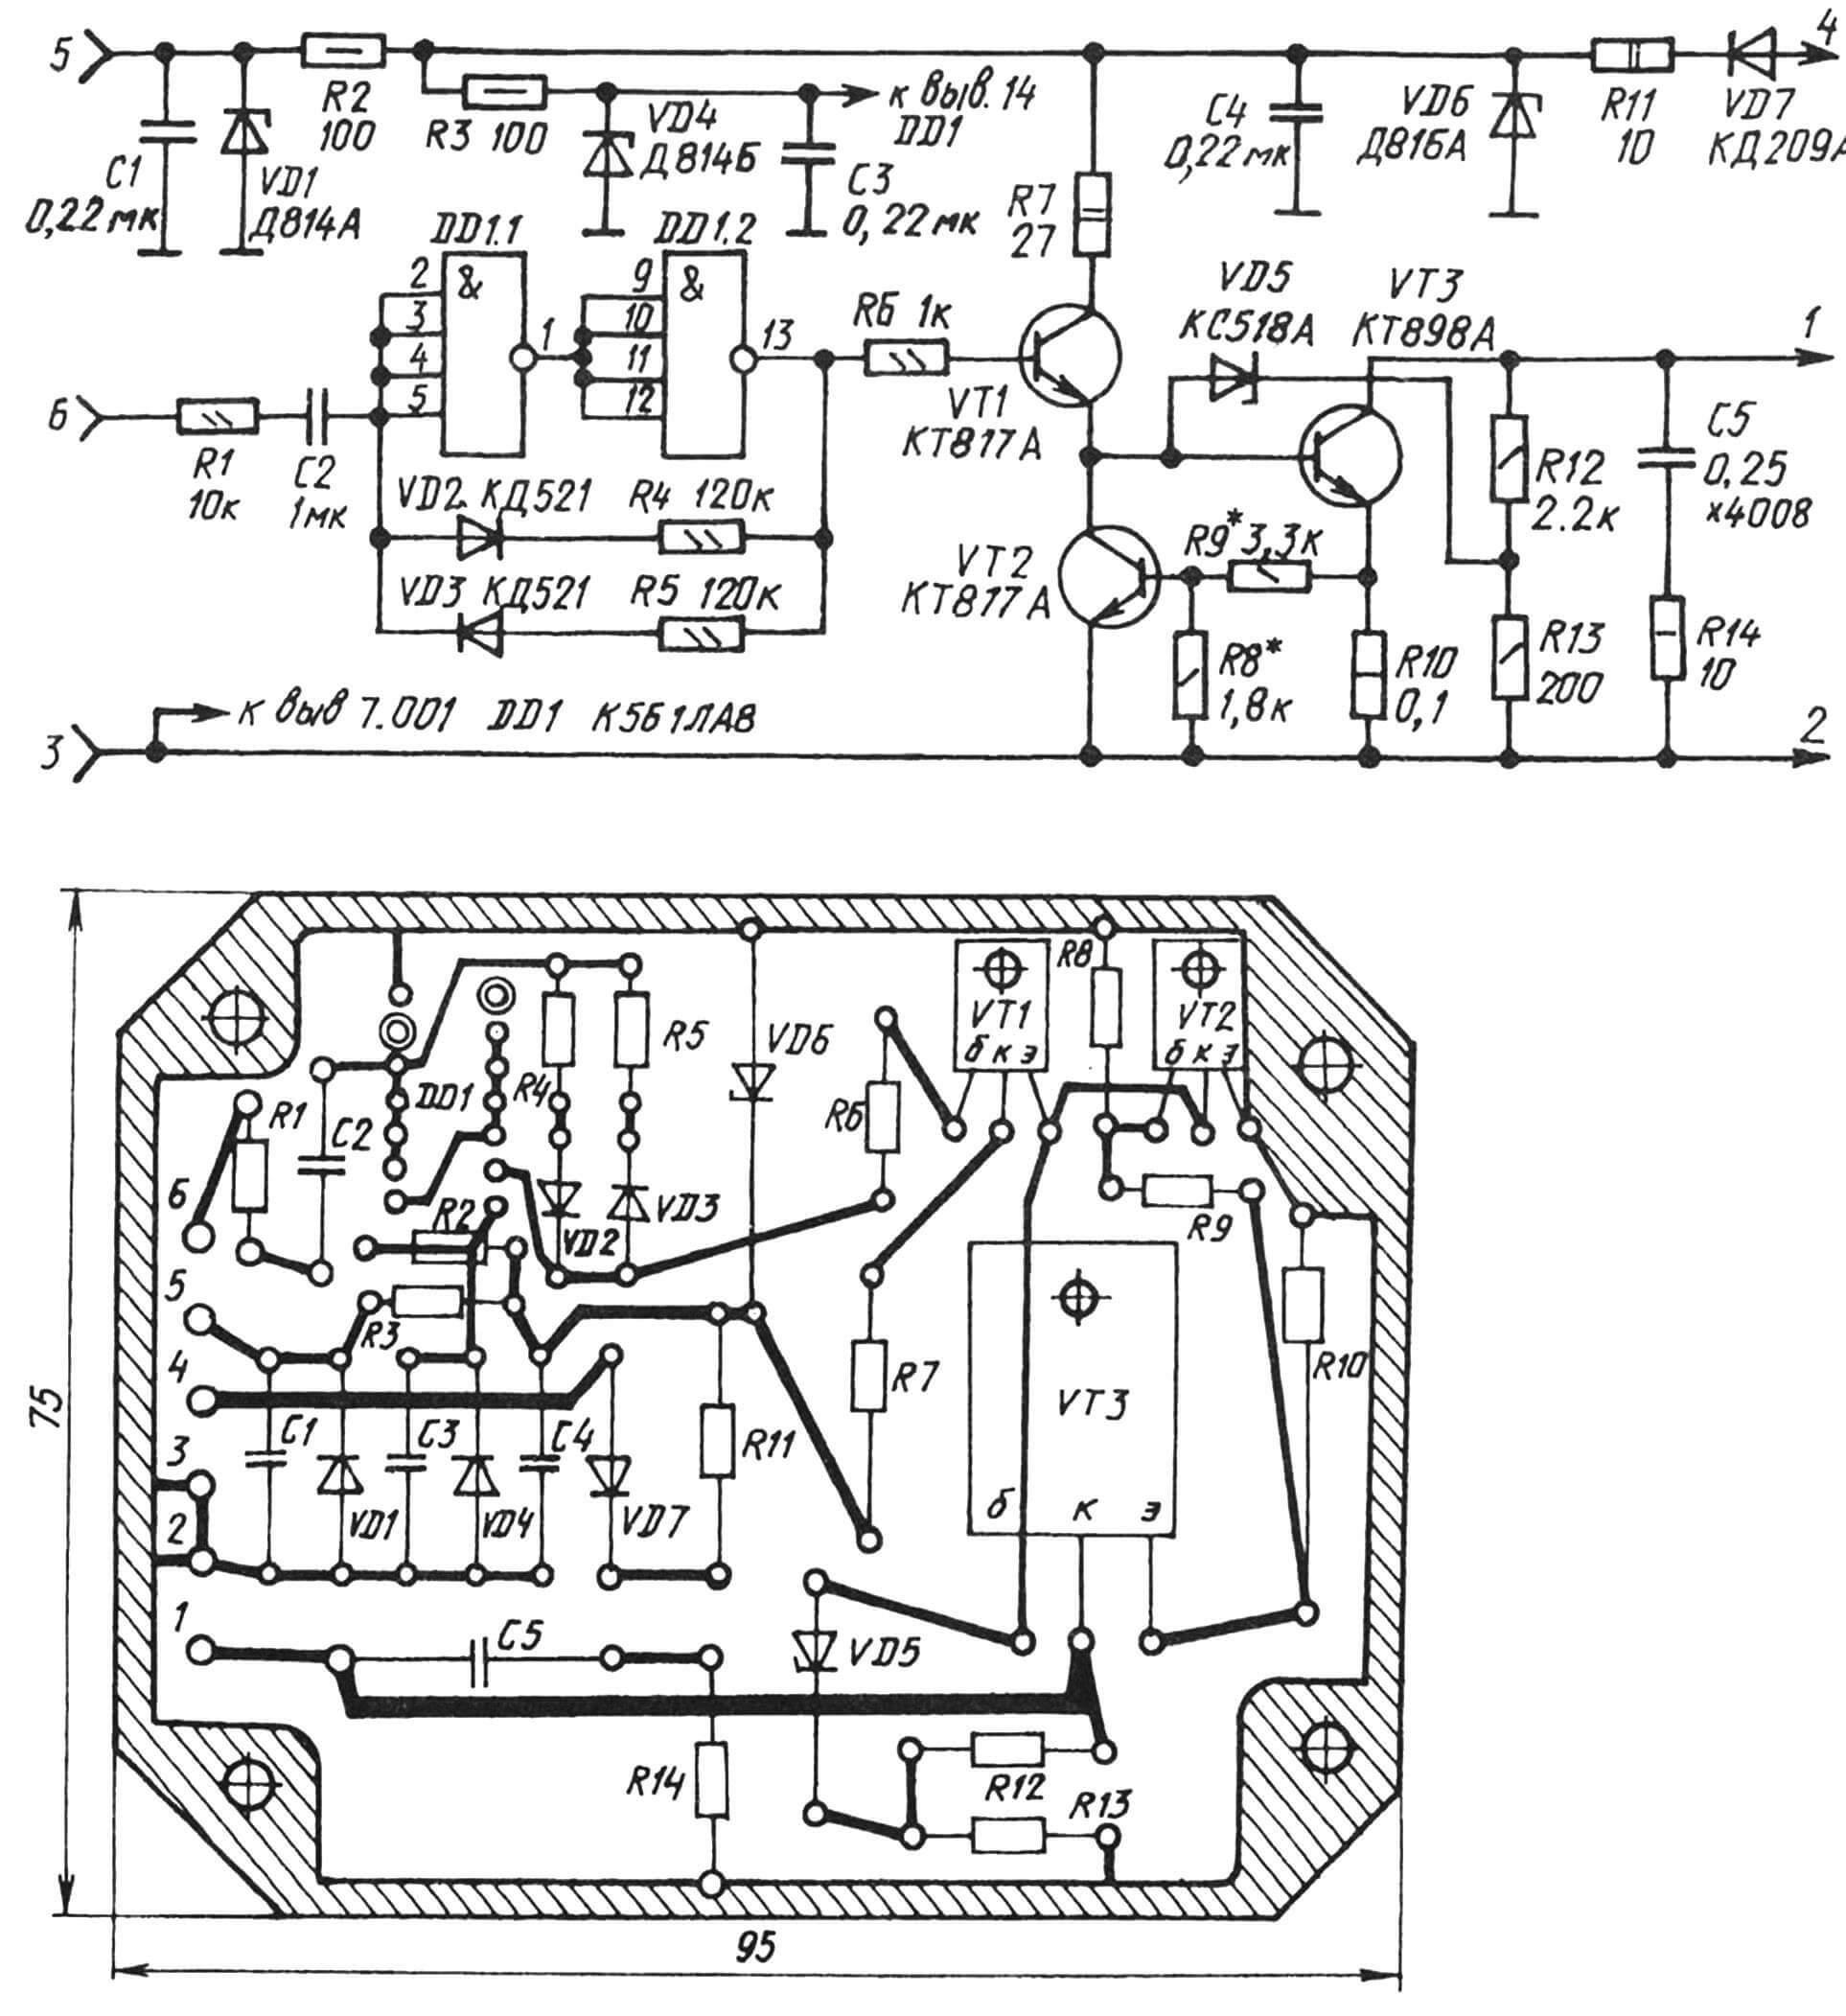 Принципиальная электрическая схема и топология печатной платы самодельного блока электронного зажигания с использованием триггера Шмитта, выполненного на МС К561ЛА8